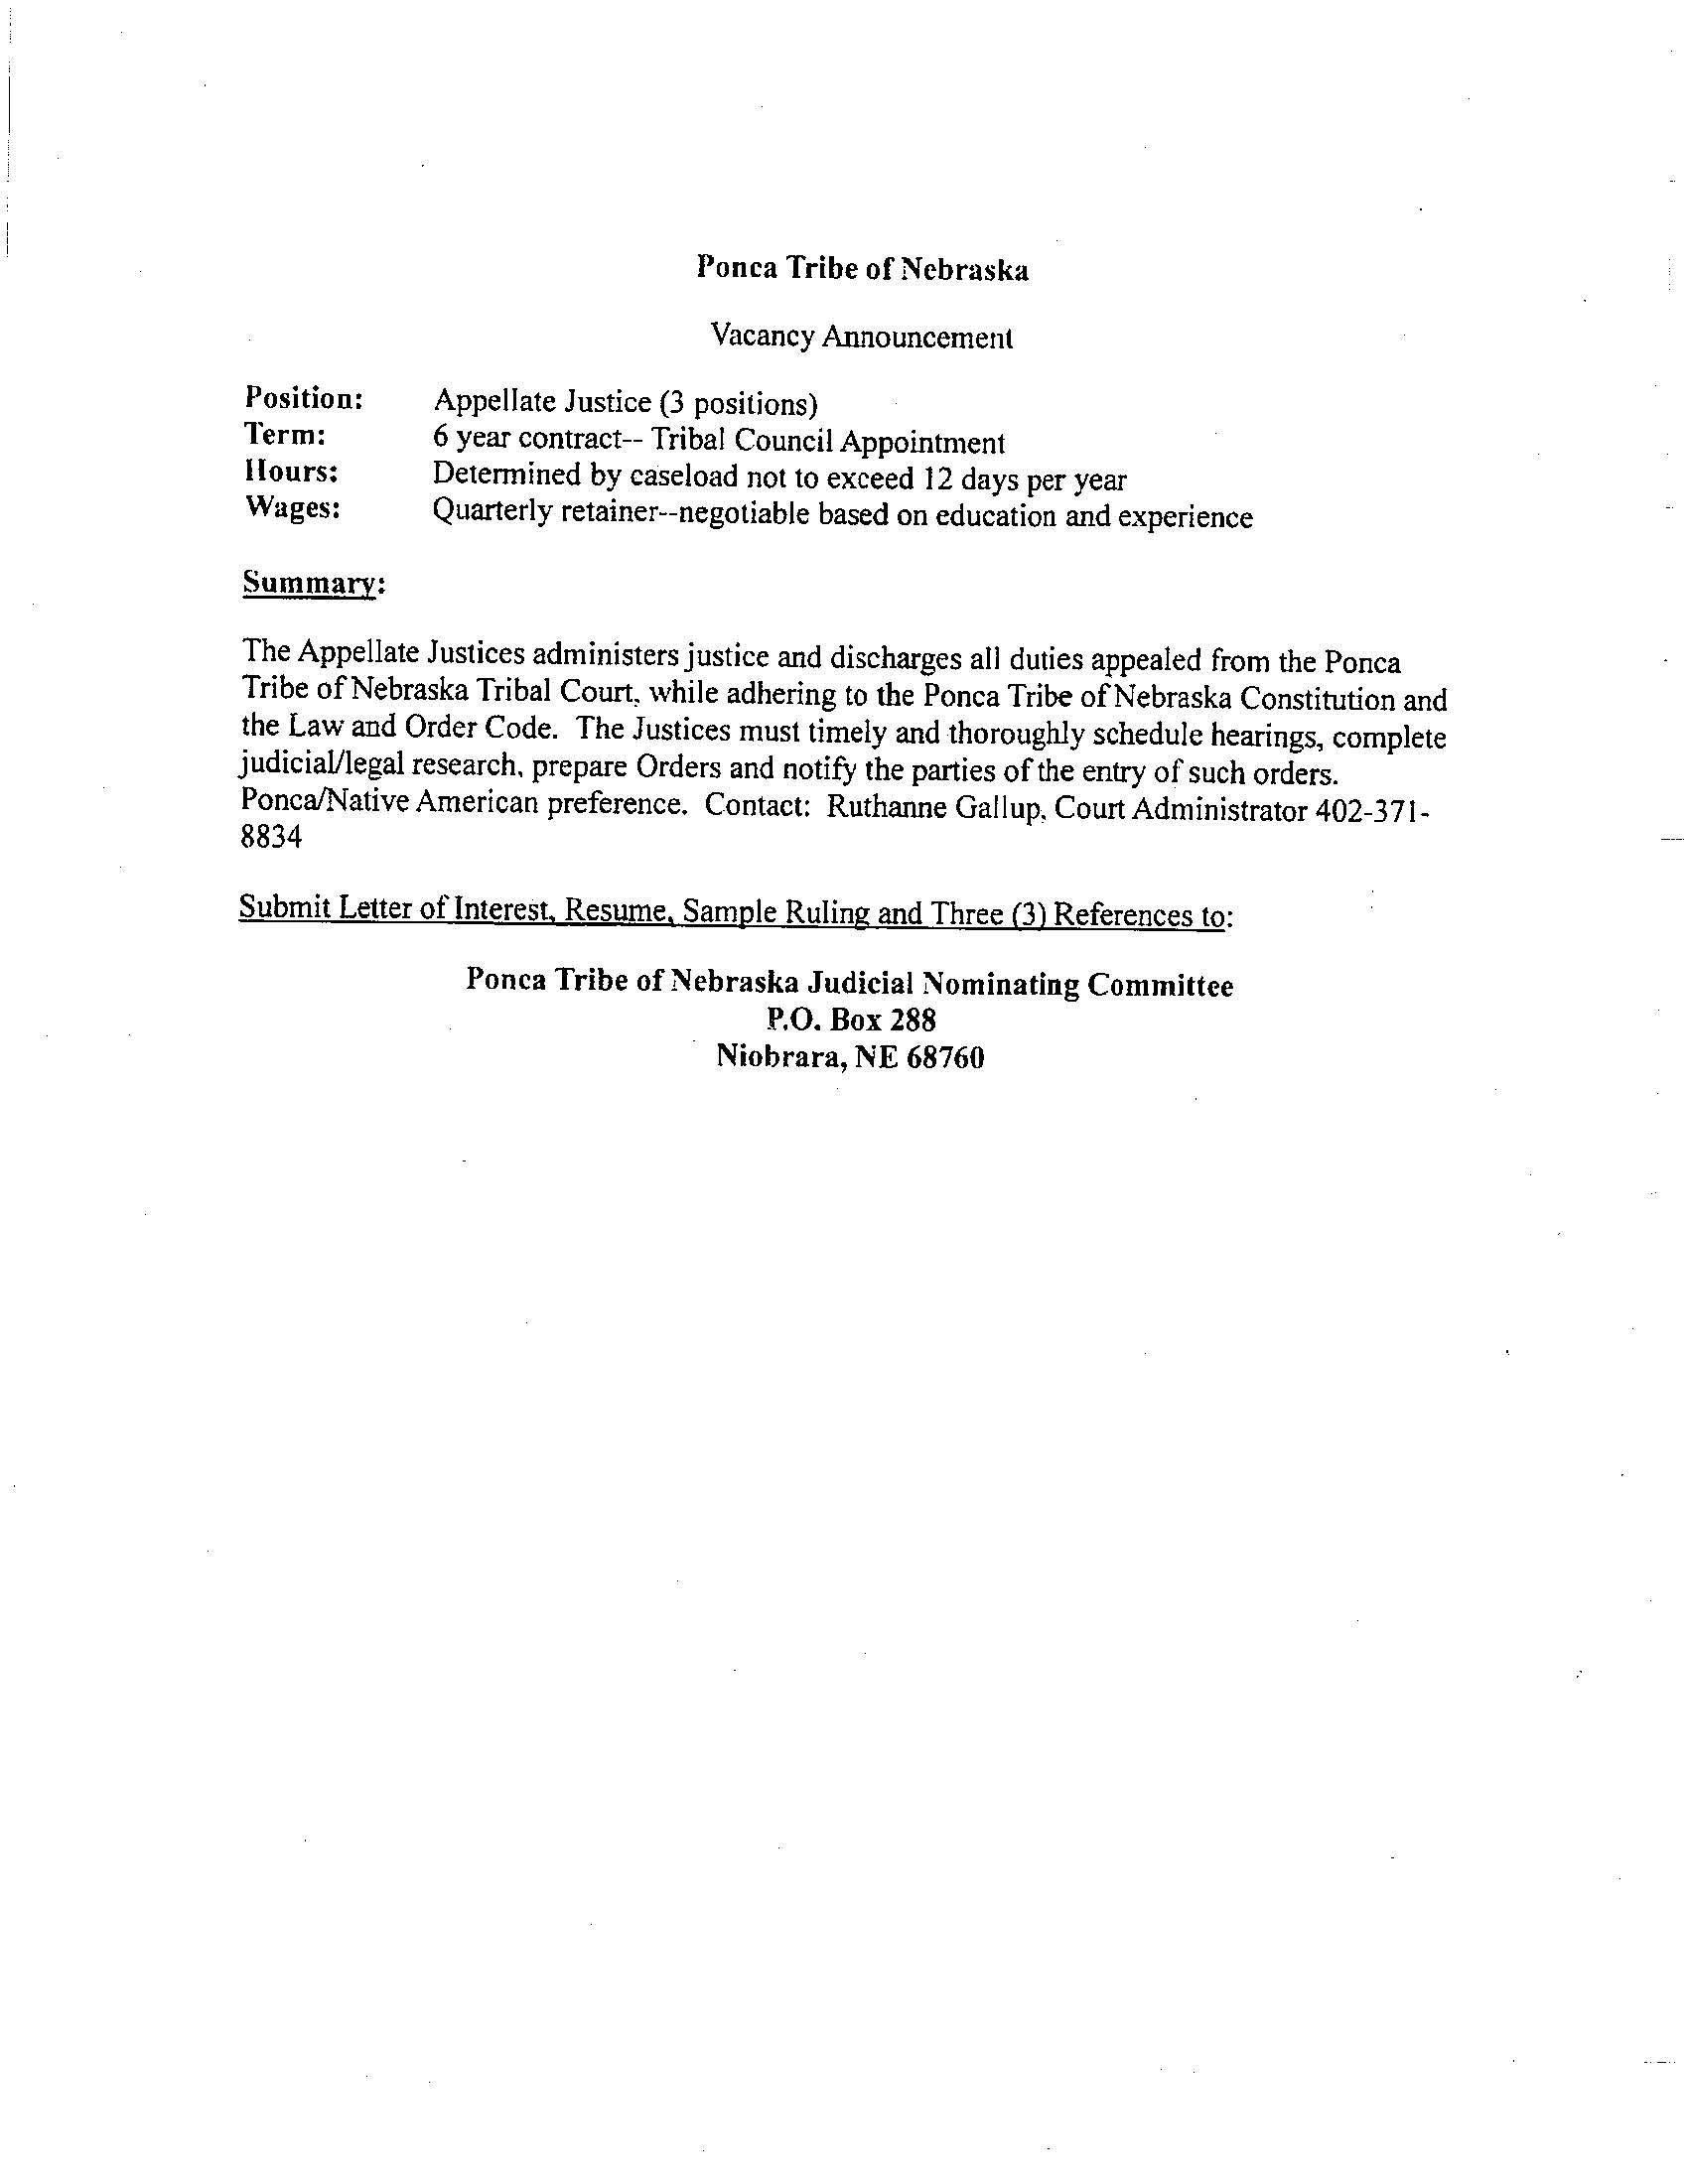 judge vacancy 2013 0903_Page_1